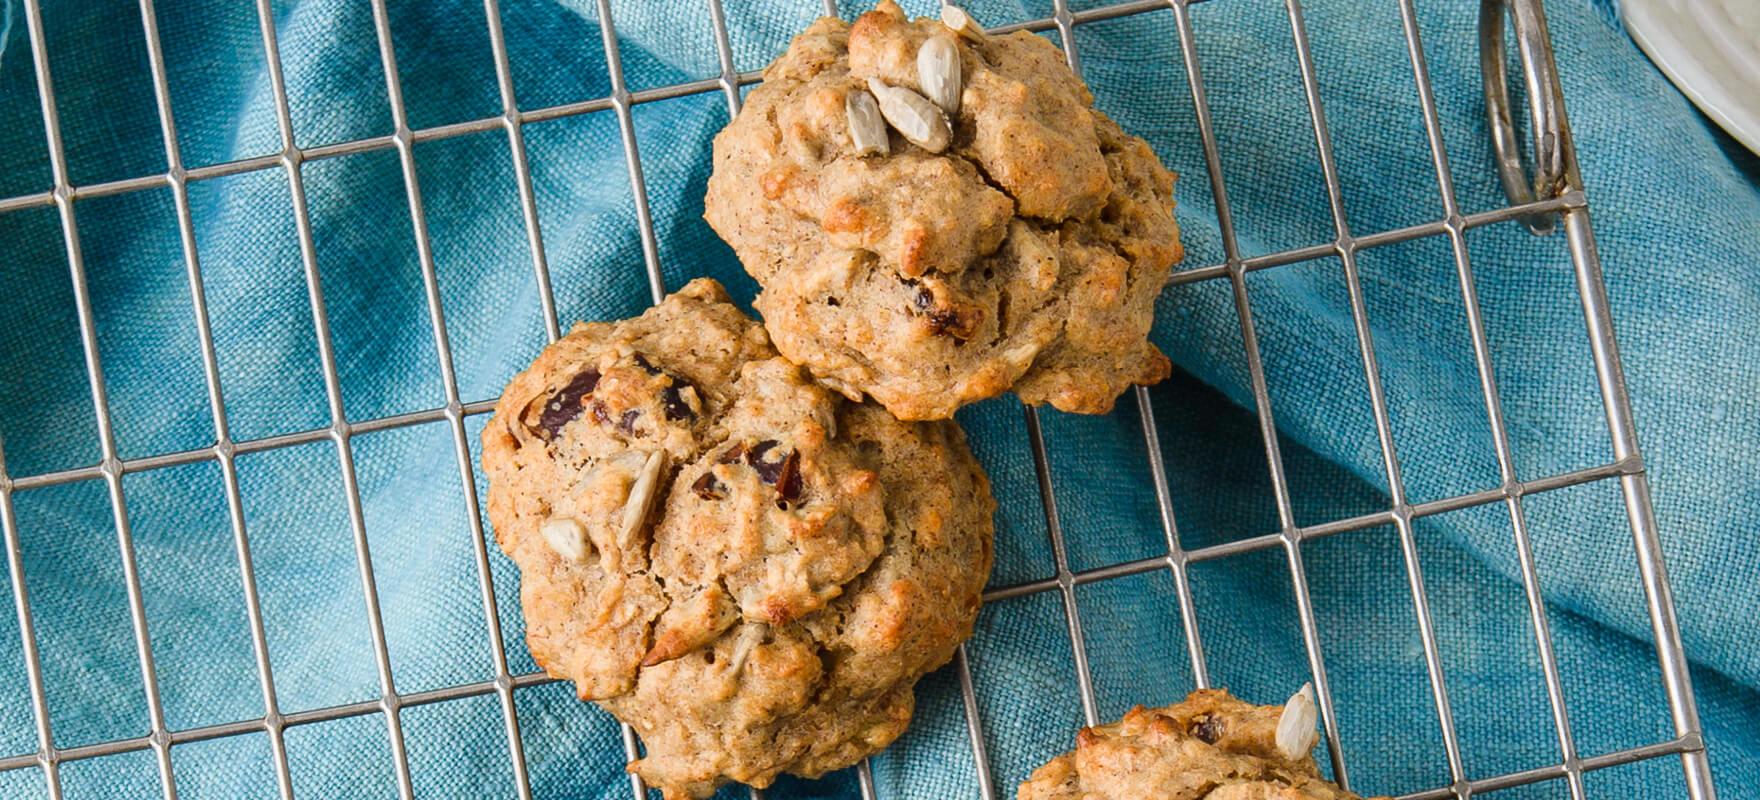 Date & seed breakfast cookies image 2